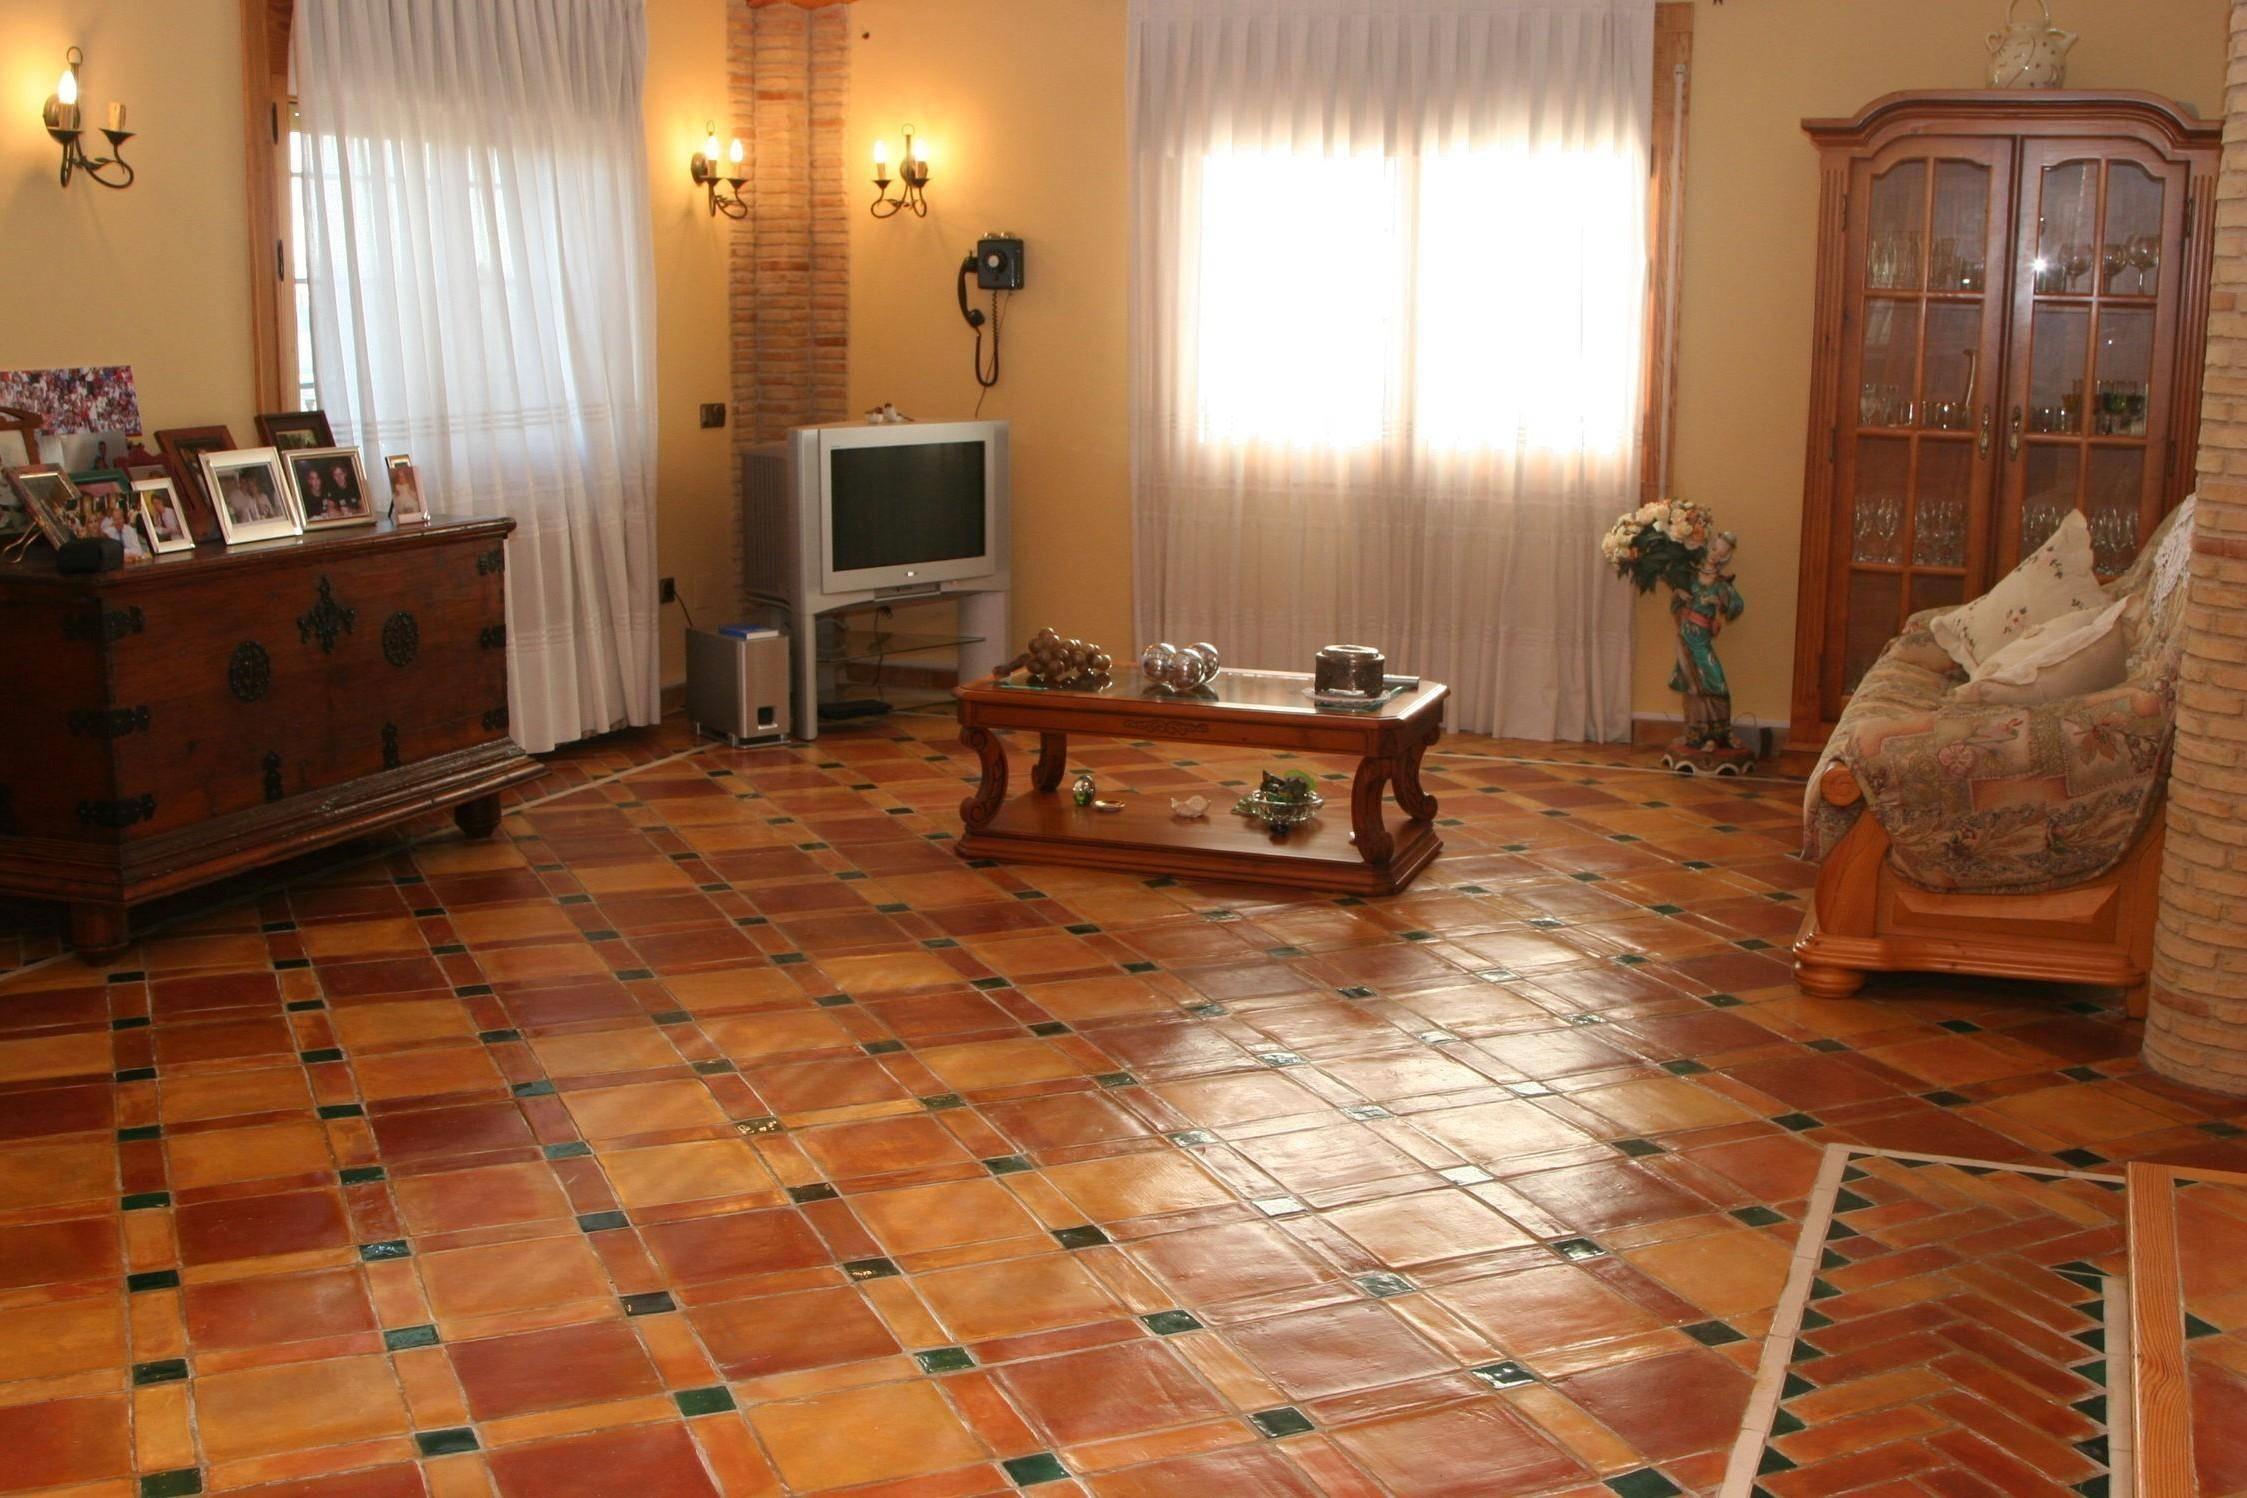 Piastrelle pavimento prezzi le piastrelle prezzi - Piastrelle in cotto per interni ...